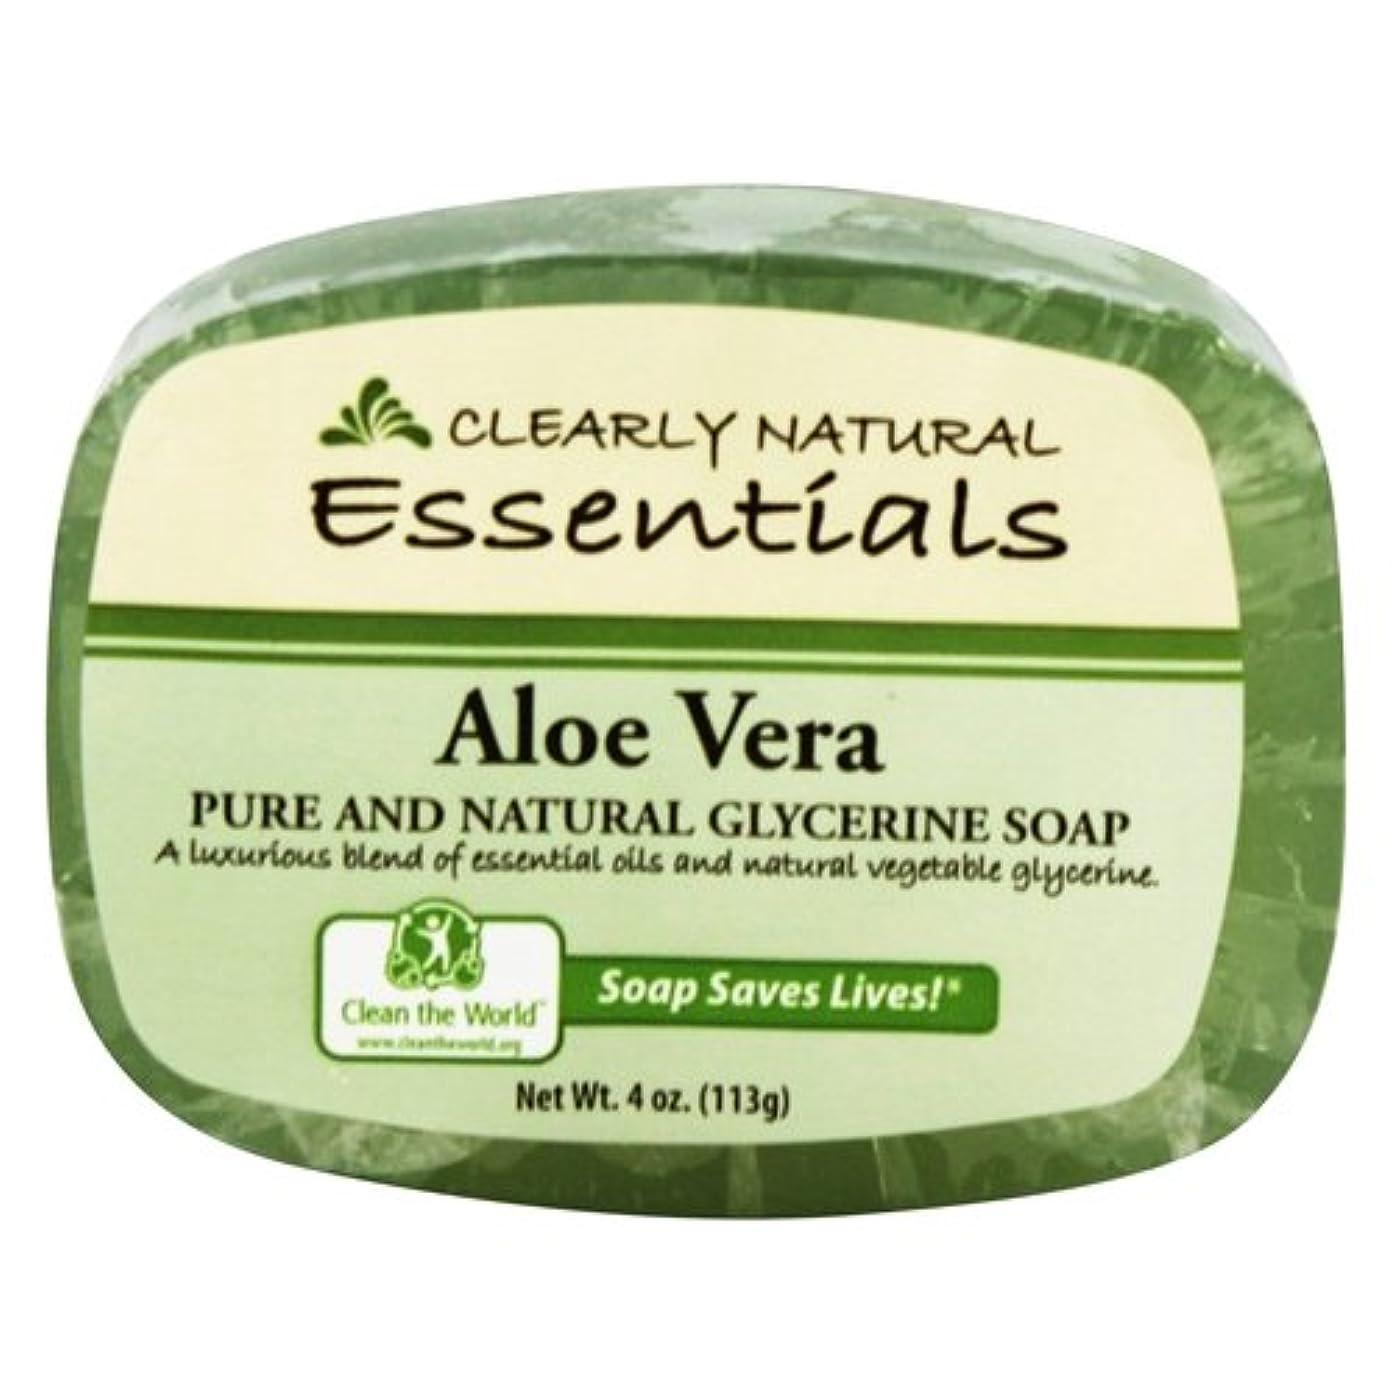 再生拳バウンスClearly Natural - グリセリン石鹸アロエベラ - 4ポンド